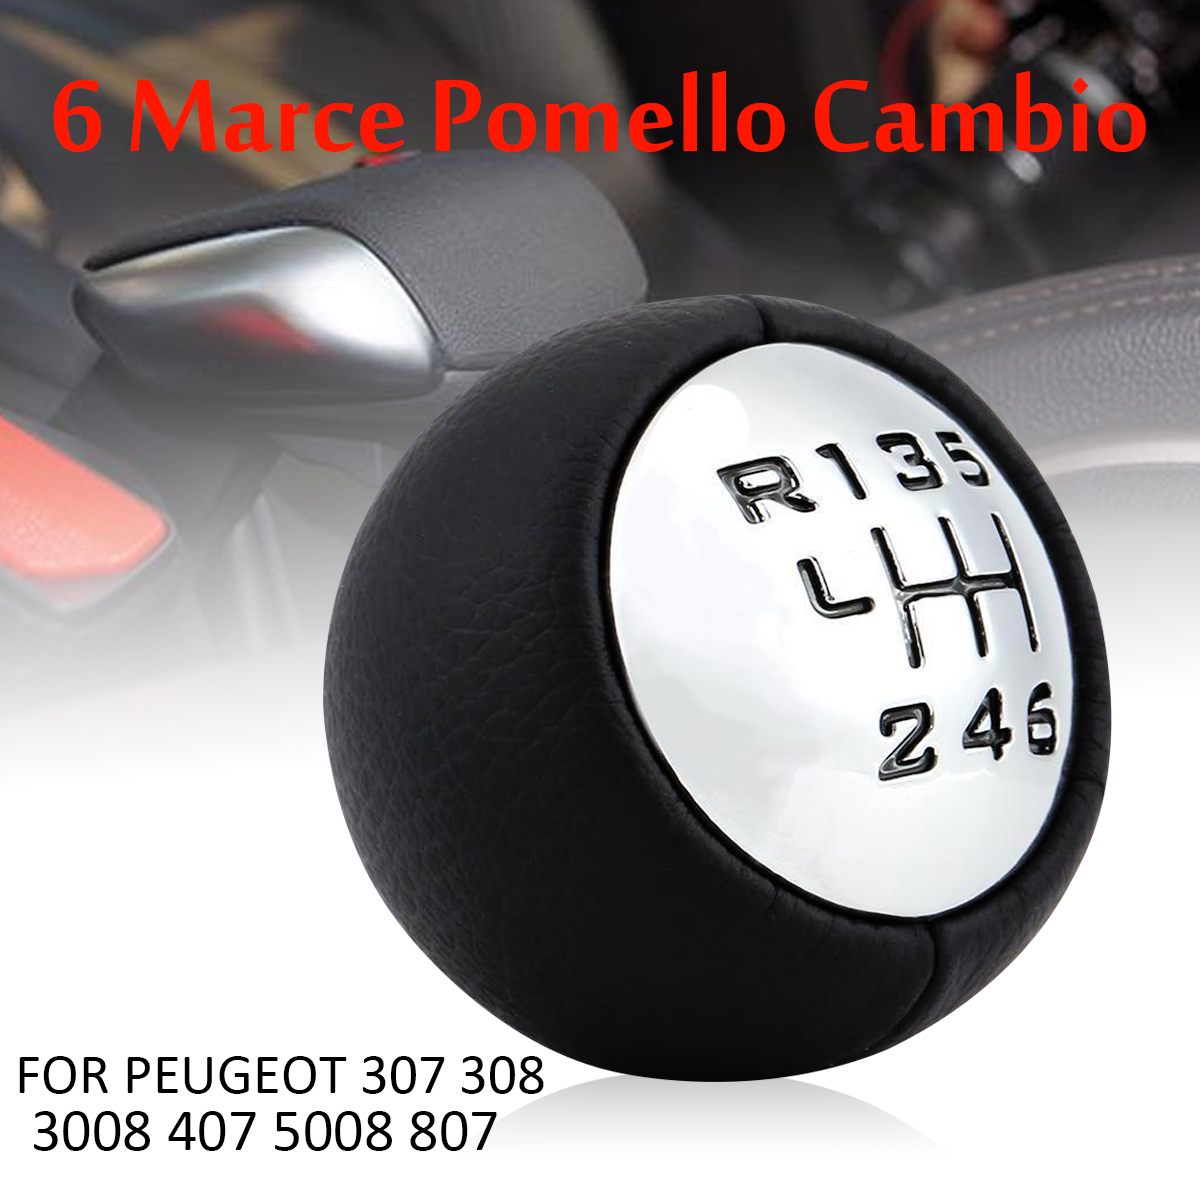 6 vitesse Voiture Pommeau Shifter Bâton Tête Pour Peugeot 307 308 3008 407 5008 807 PARTENAIRE B9 TIPI citroen C3 C4 C8 Picasso